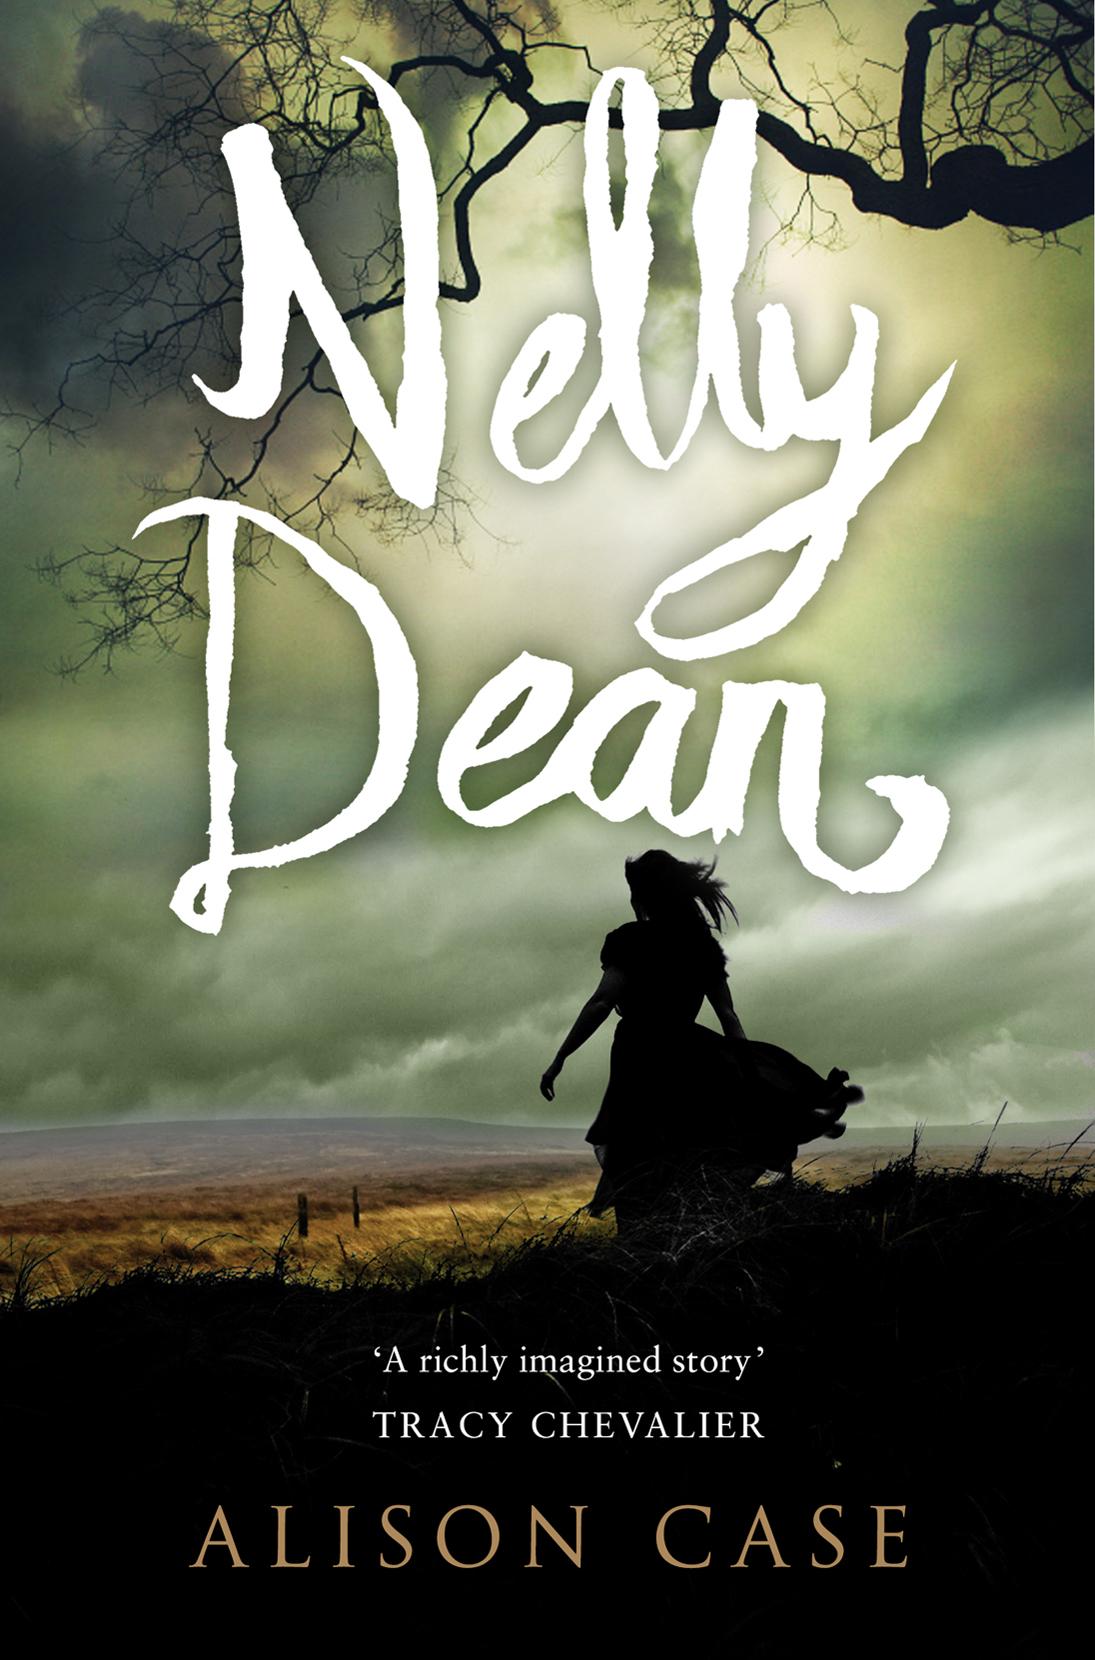 лучшая цена Alison Case Nelly Dean